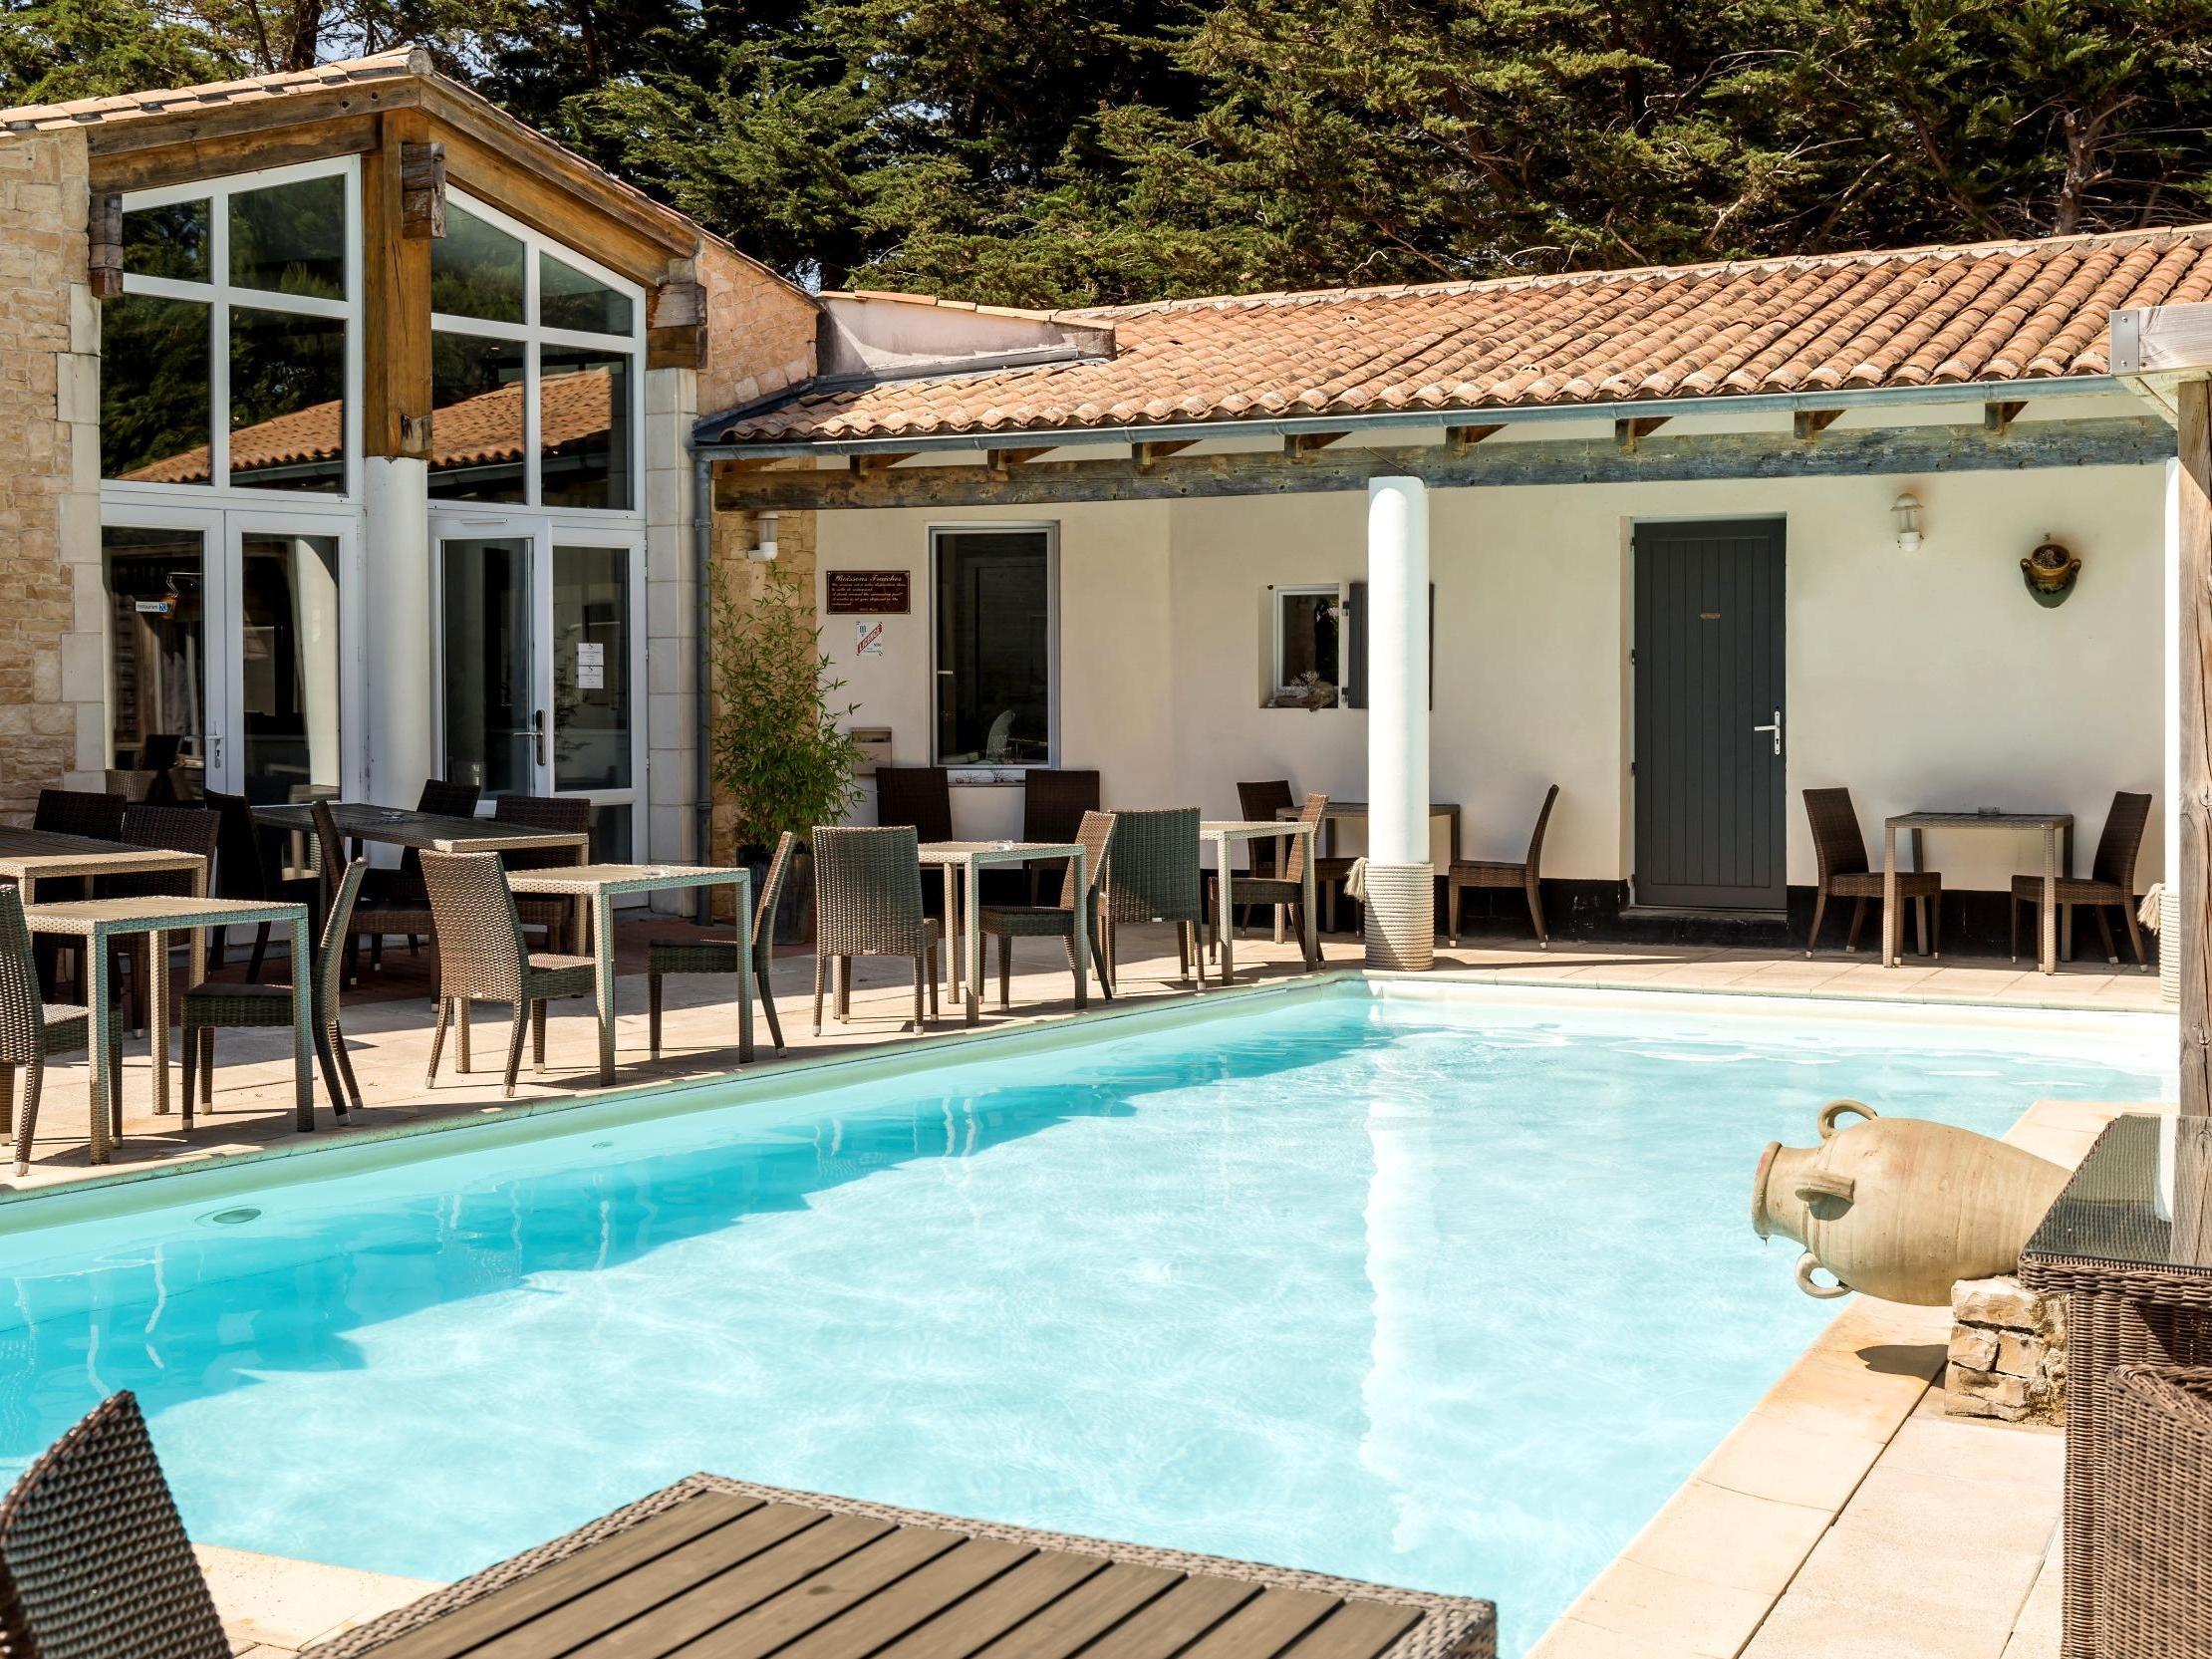 Hotel Le Bois Plage En Ré - Pilgo H u00f4tel Restaurant Plaisir et Spa Logis in LE BOIS PLAGE EN RE